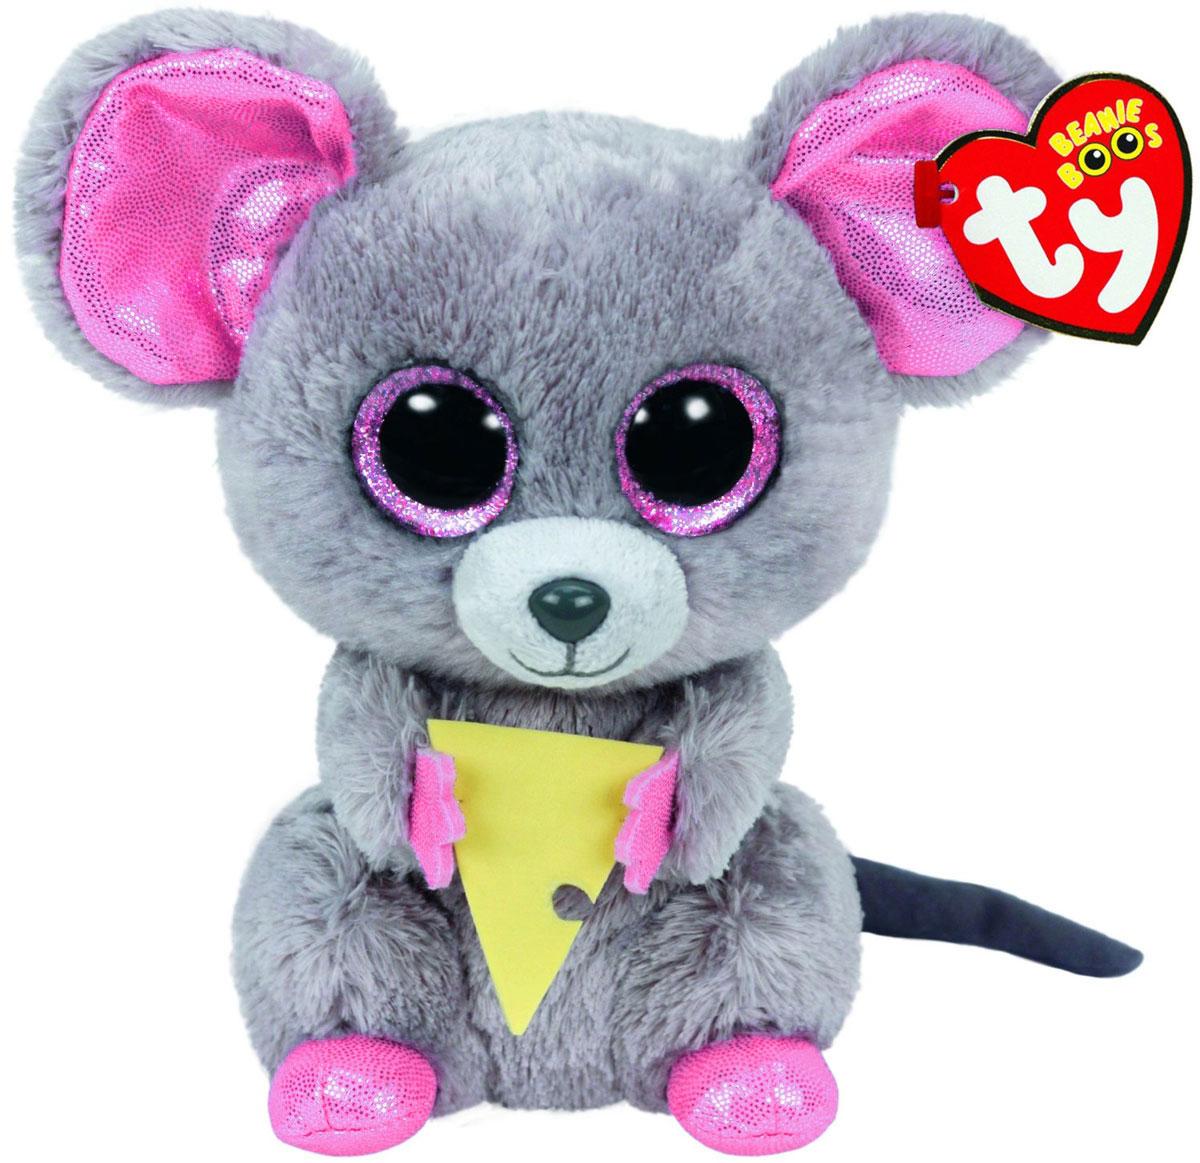 TY Мягкая игрушка Мышонок Squeaker с кусочком сыра 15 см